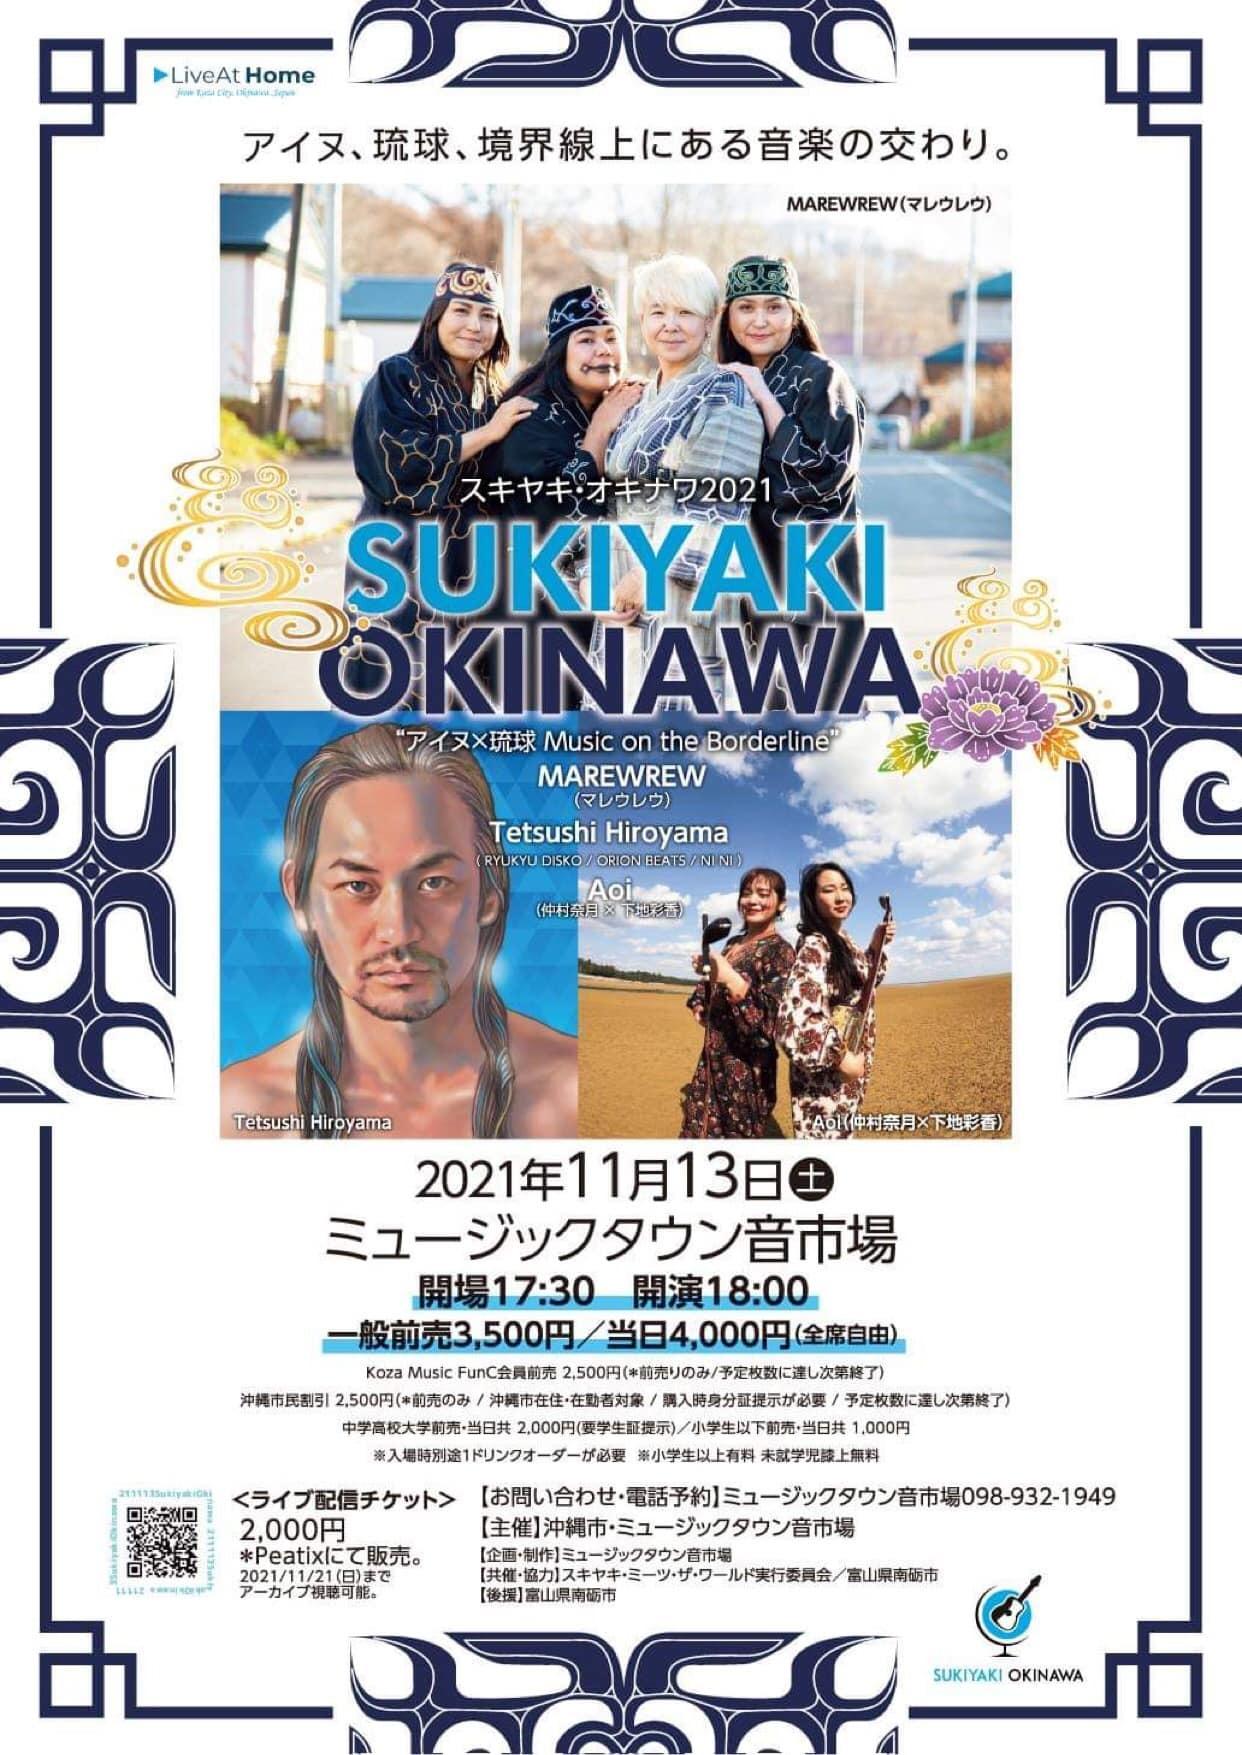 【DJ告知】SUKIYAKI OKINAWA 2021【北海道×沖縄】_a0014067_16002930.jpeg